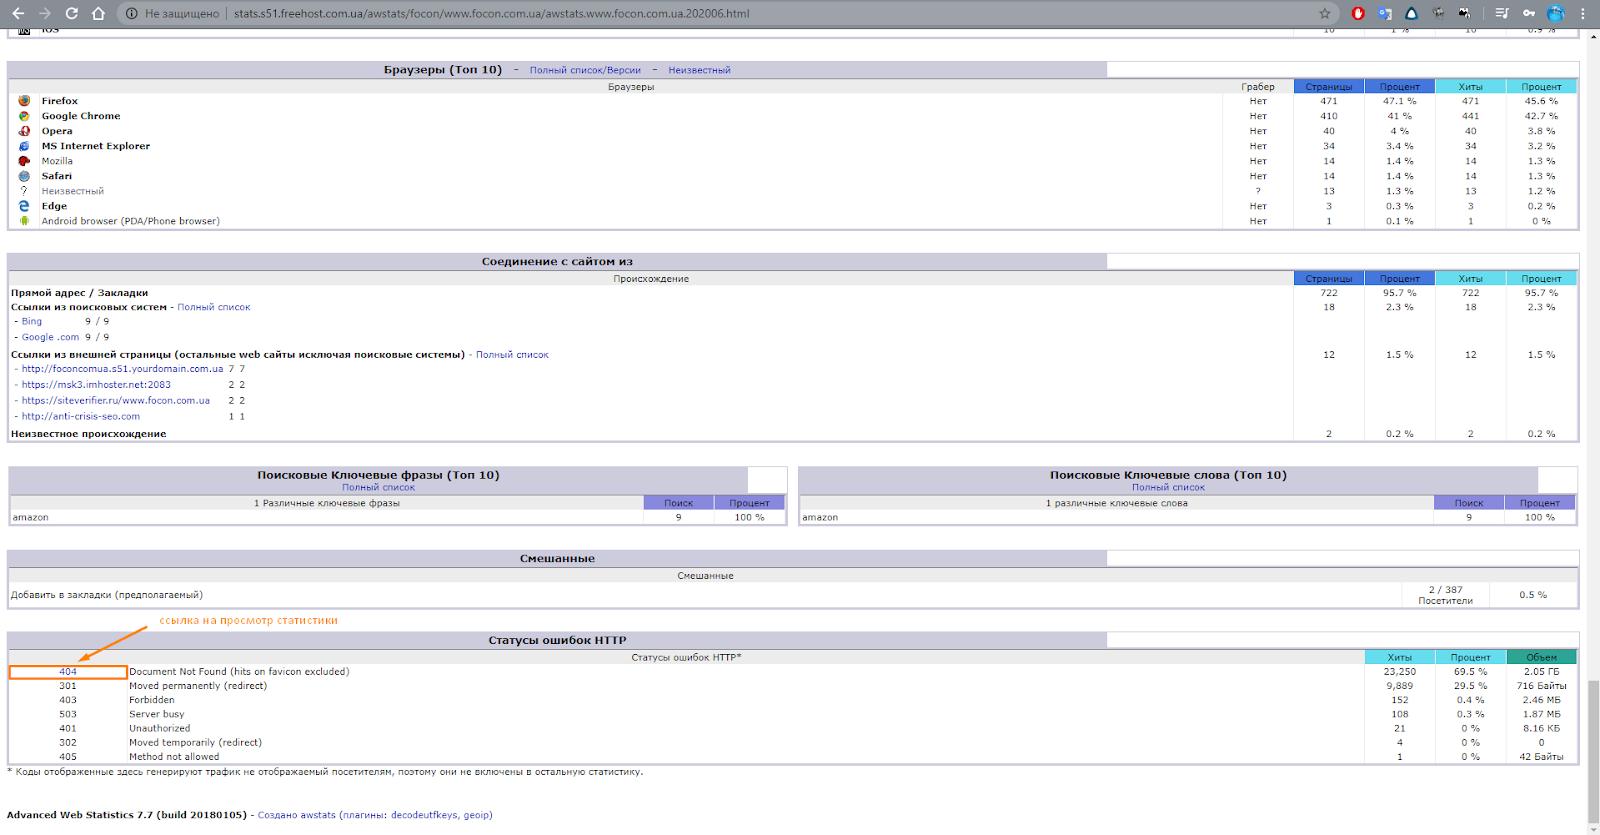 Поиск файлов error_log в журнале ошибок сервера скриншот